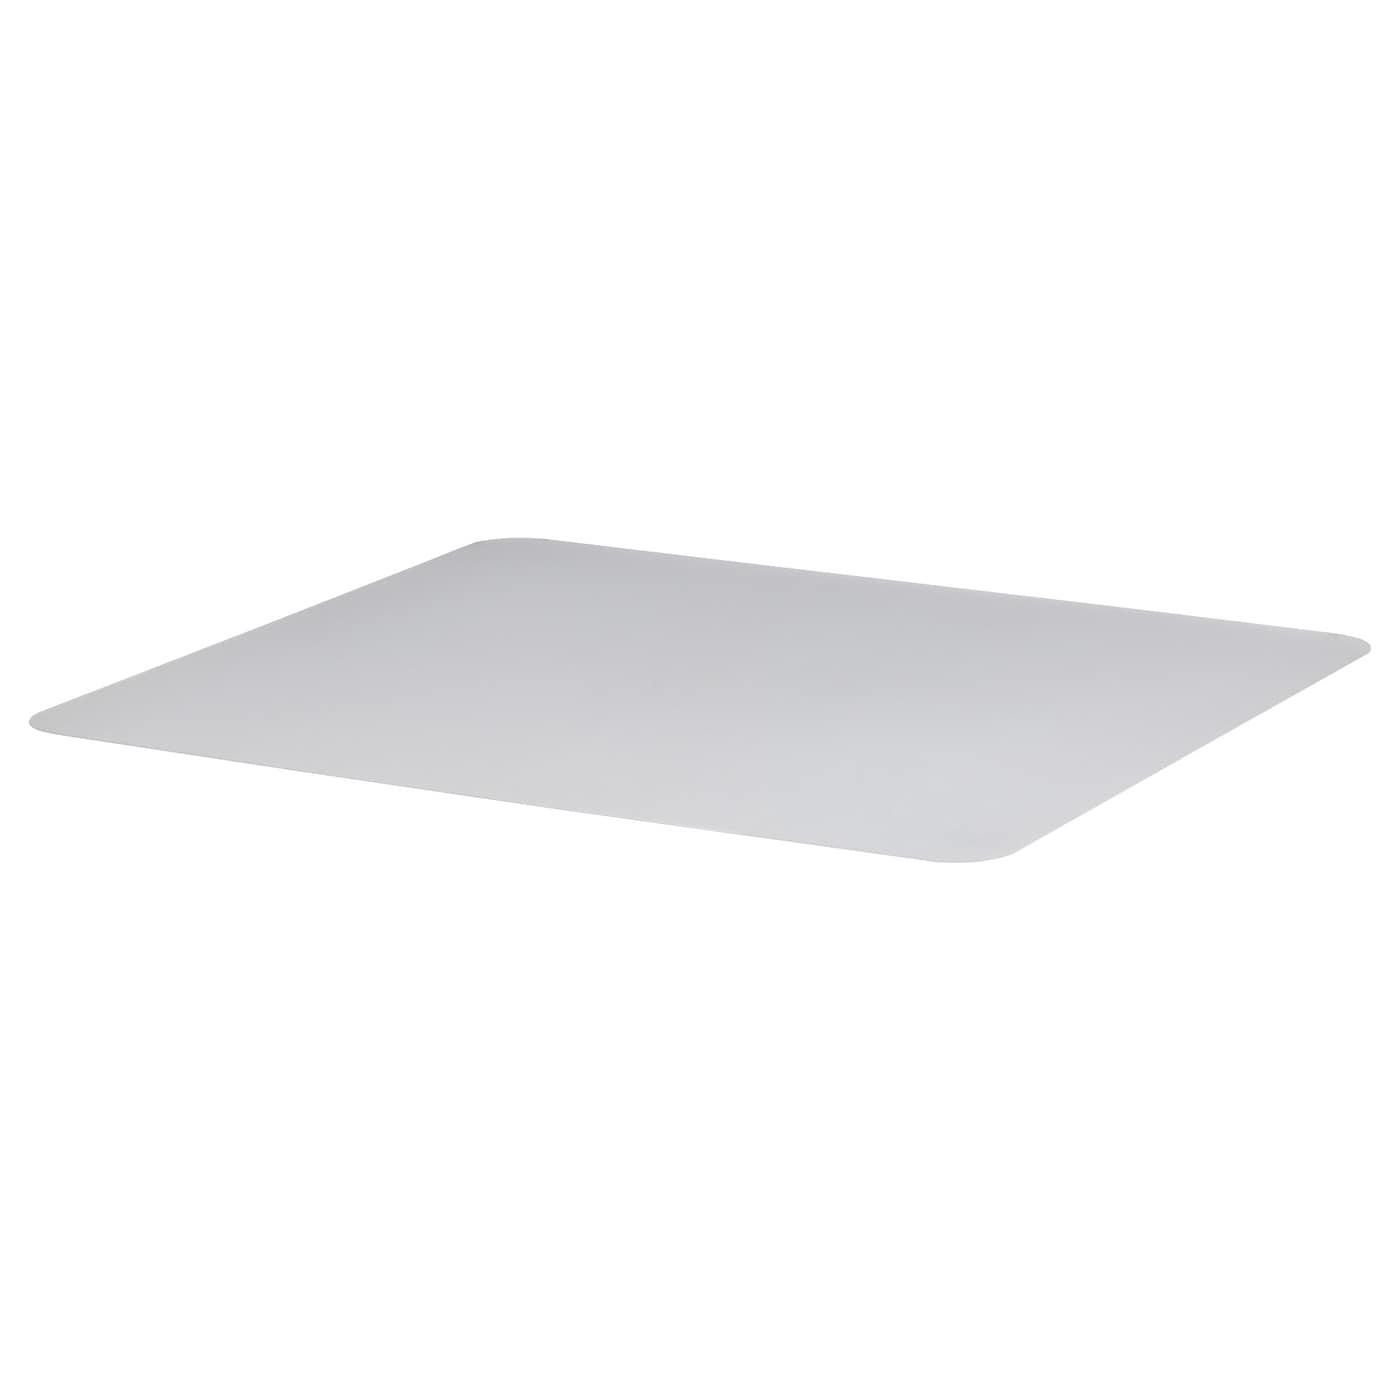 IKEA KOLON Protector De Suelo Protege El Suelo Y Del Desgate Y Suciedad.